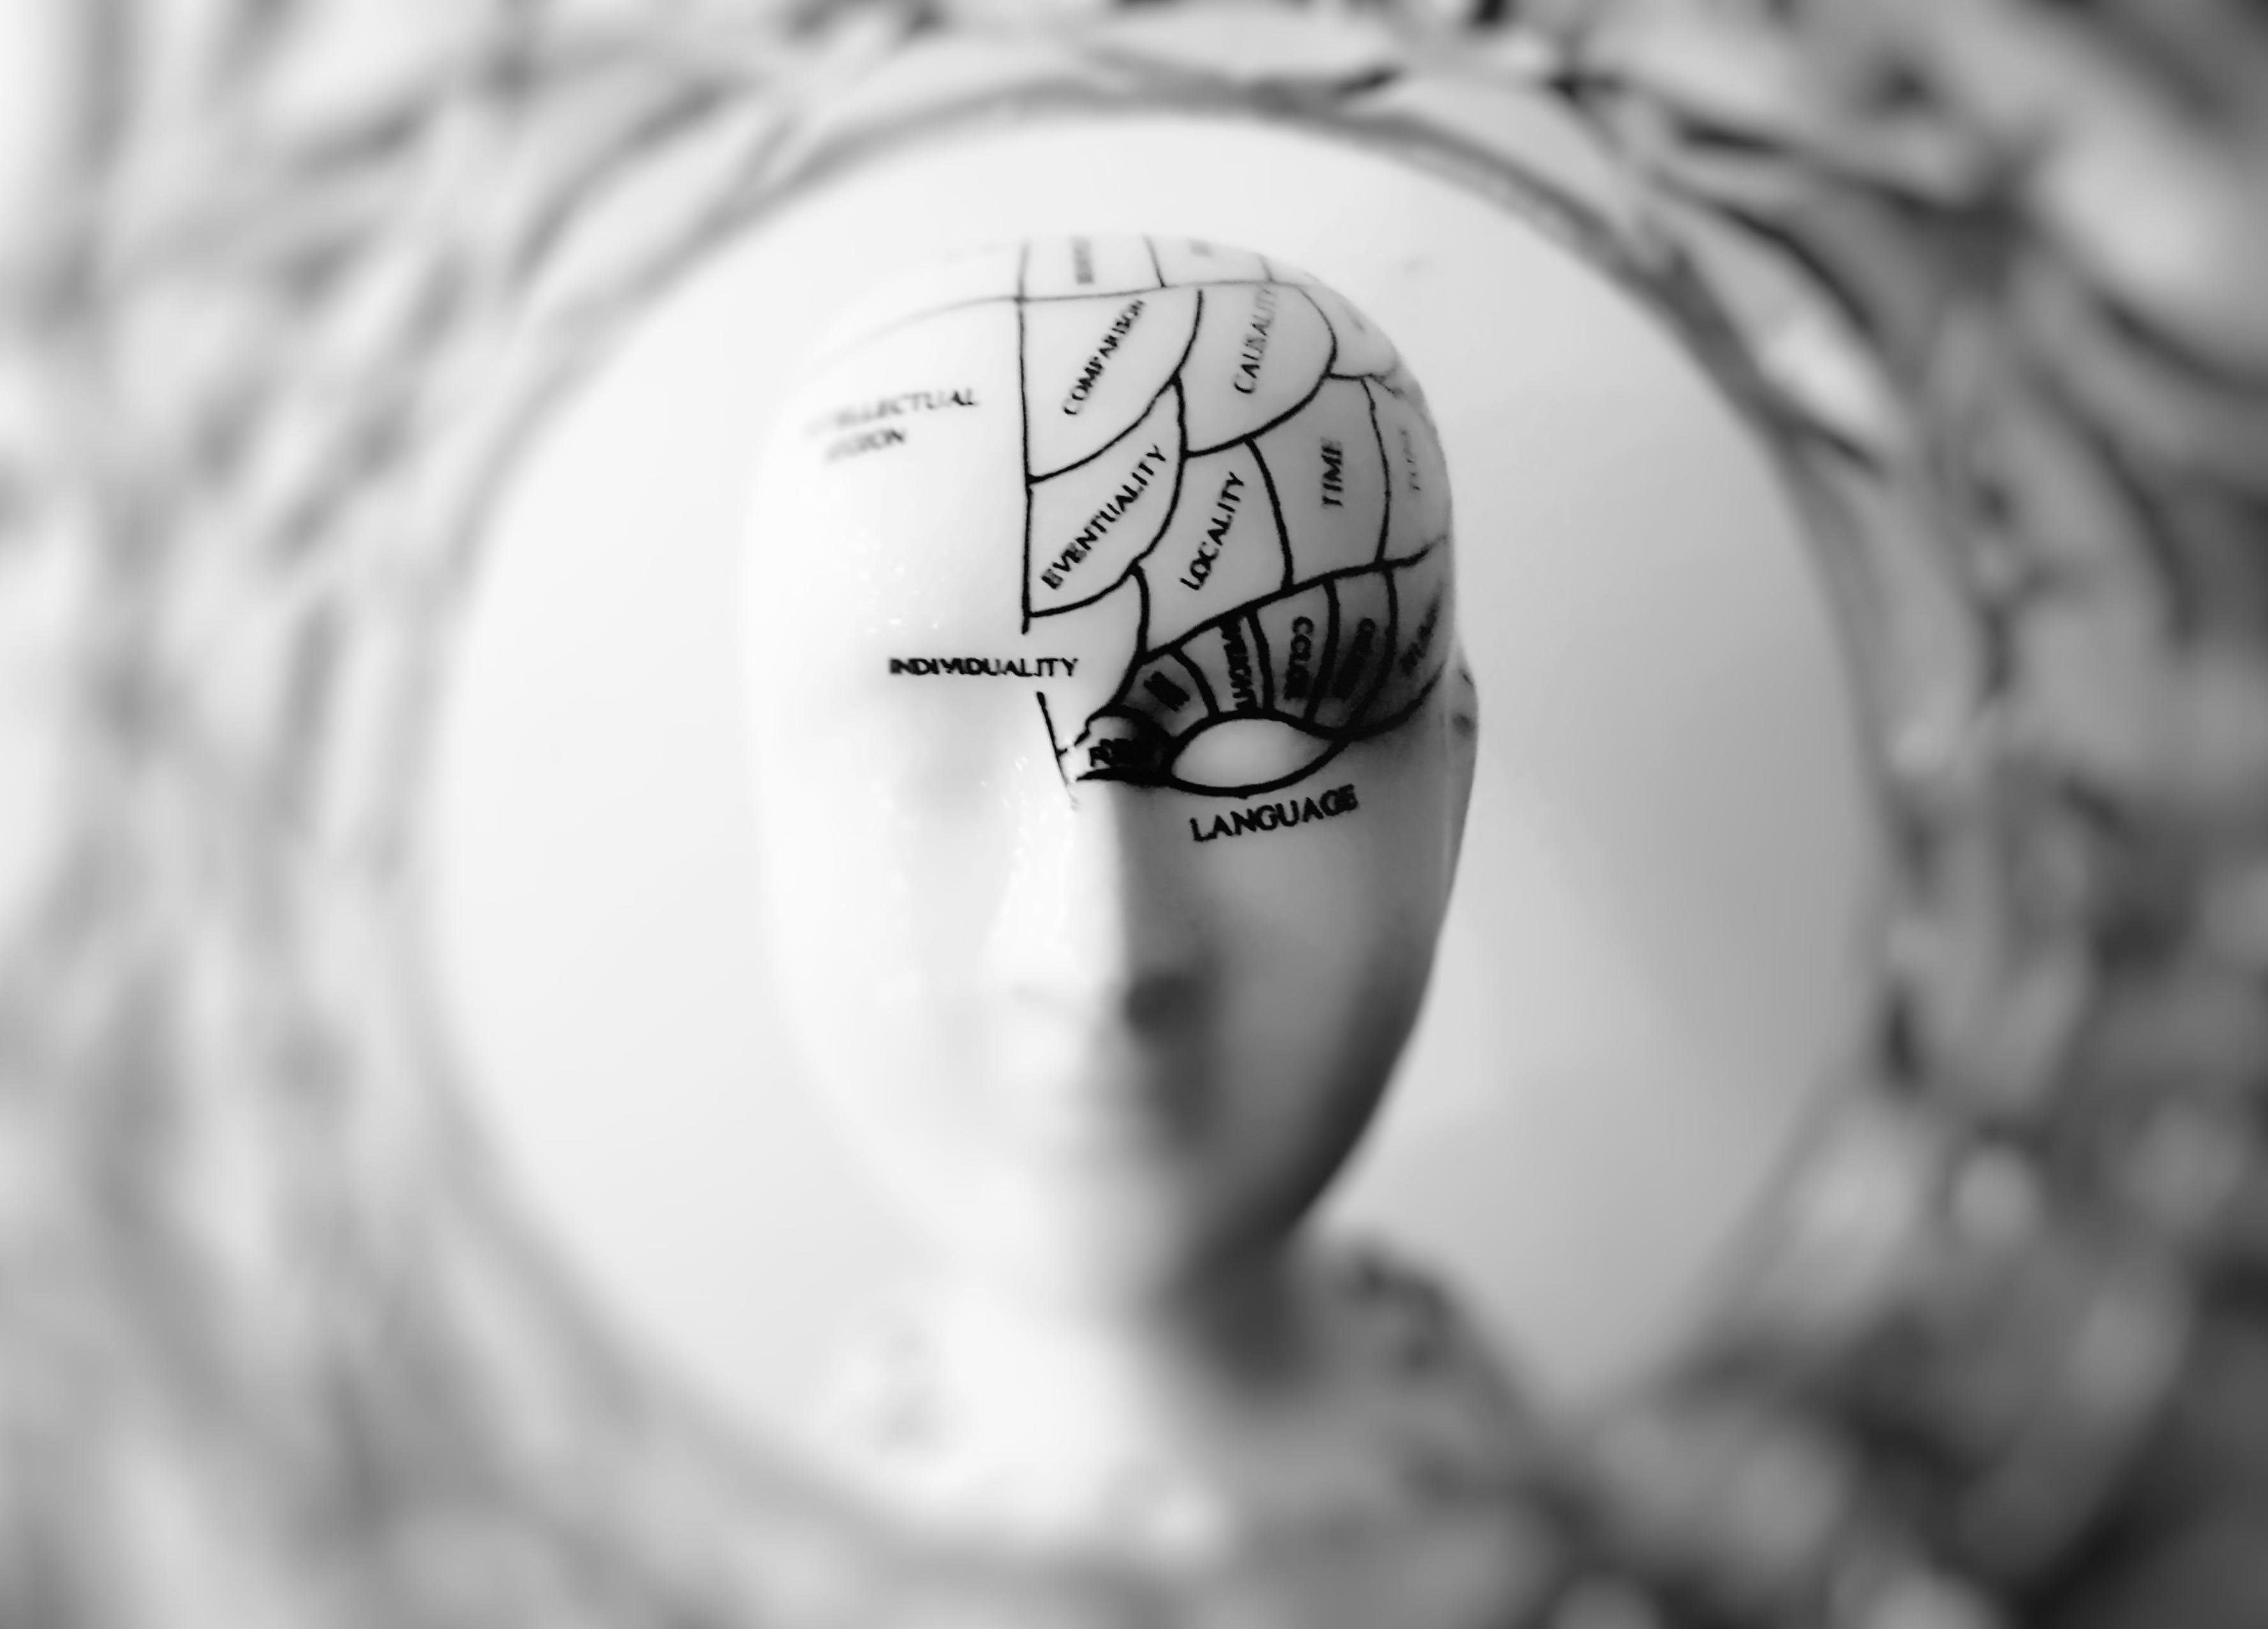 Fotos de stock gratuitas de Arte, blanco y negro, cerebro, concentrarse